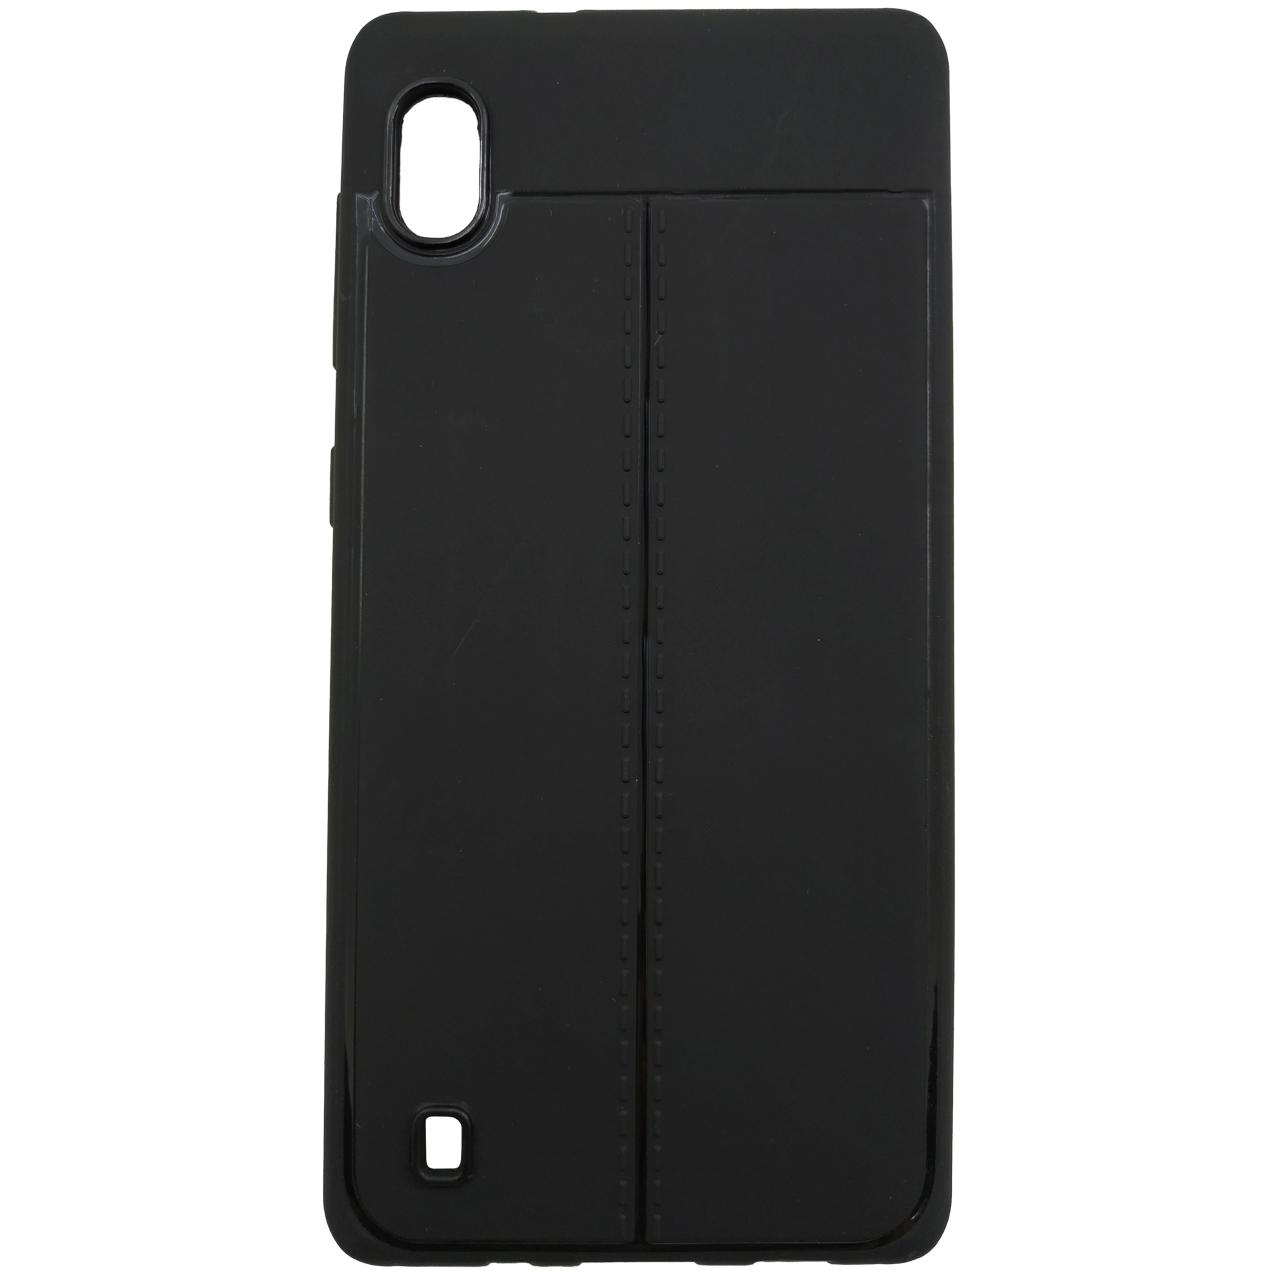 بررسی و {خرید با تخفیف} کاور مدل ژله ای مناسب برای گوشی موبایل سامسونگ Galaxy A10 اصل